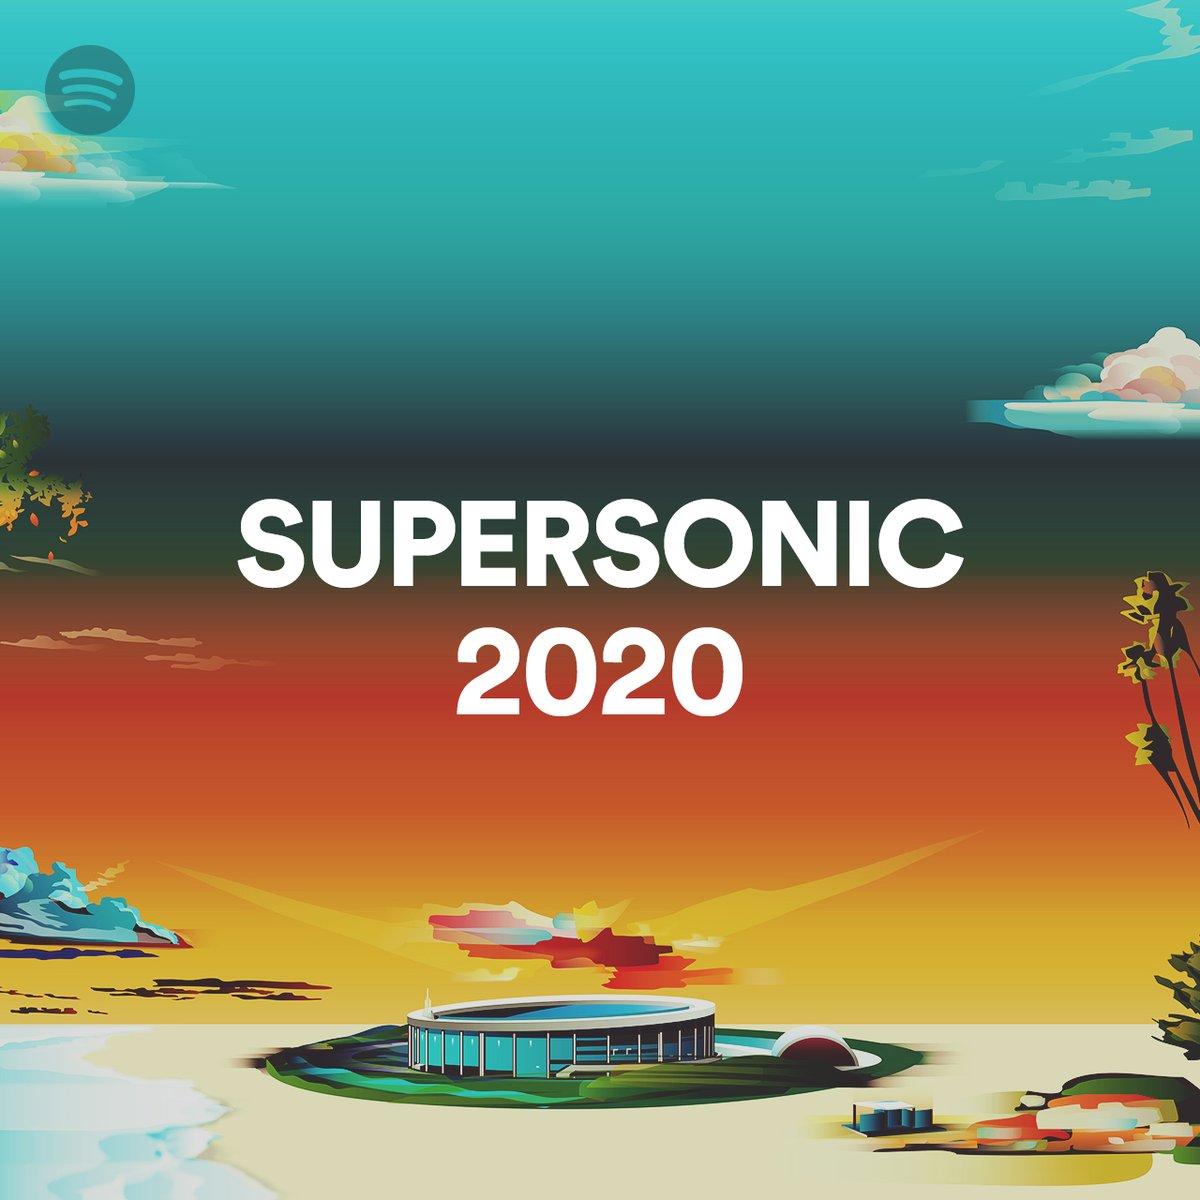 #SUPERSONIC2020 (@summer_sonic) 第1弾ラインナップが発表に‼️ヘッドライナーはTHE 1975、SKRILLEX、POST MALONE(東京)!! そしてLiam Gallagher、Kygo、Official髭男dismなど #スパソニ 出演アーティストの楽曲でプレイリストを公開🙌Spotifyで今すぐチェック⚡️ 👉